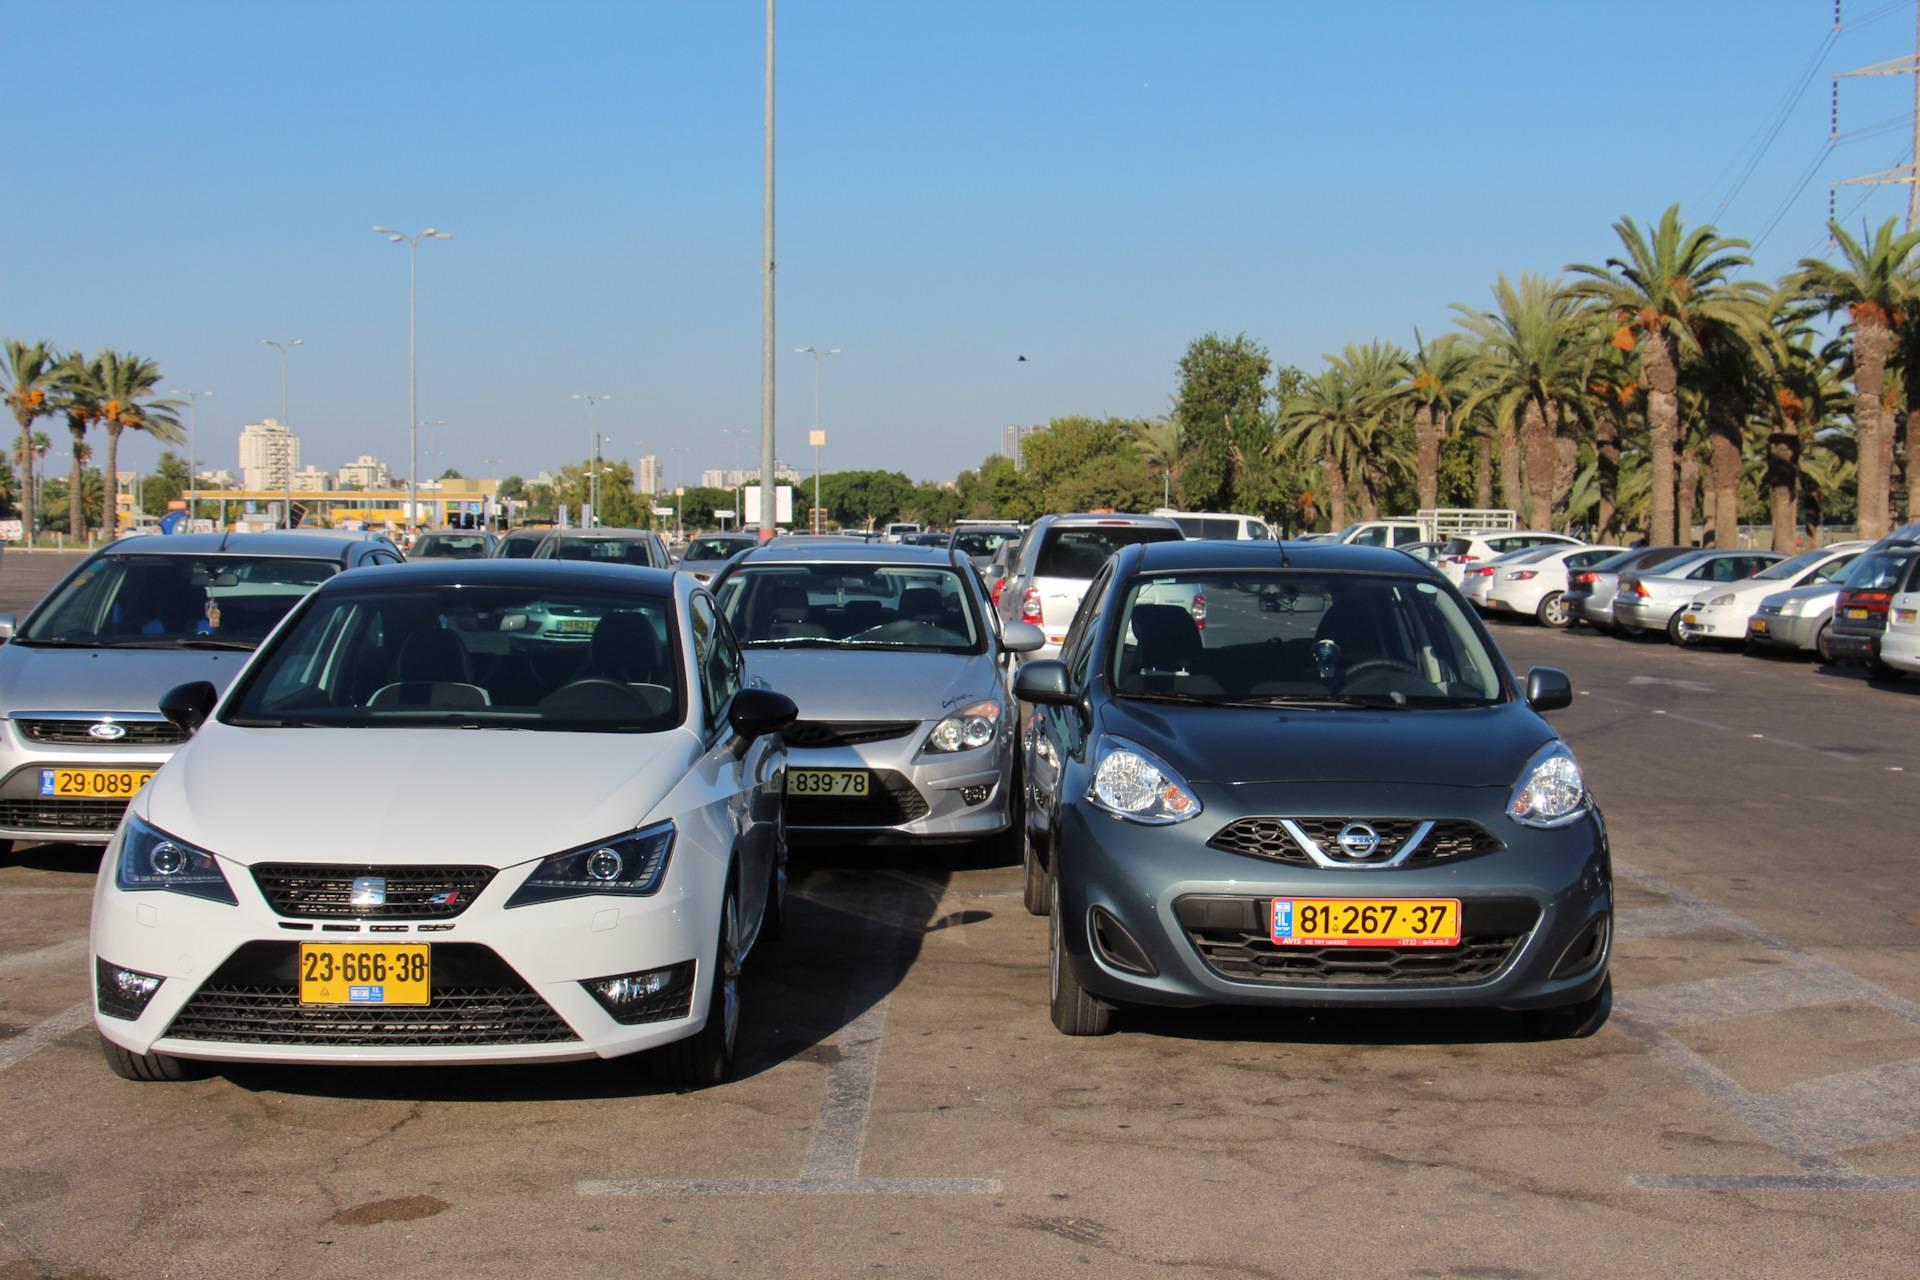 Пдд в израиле в 2021 году: общая информация для автомобилистов